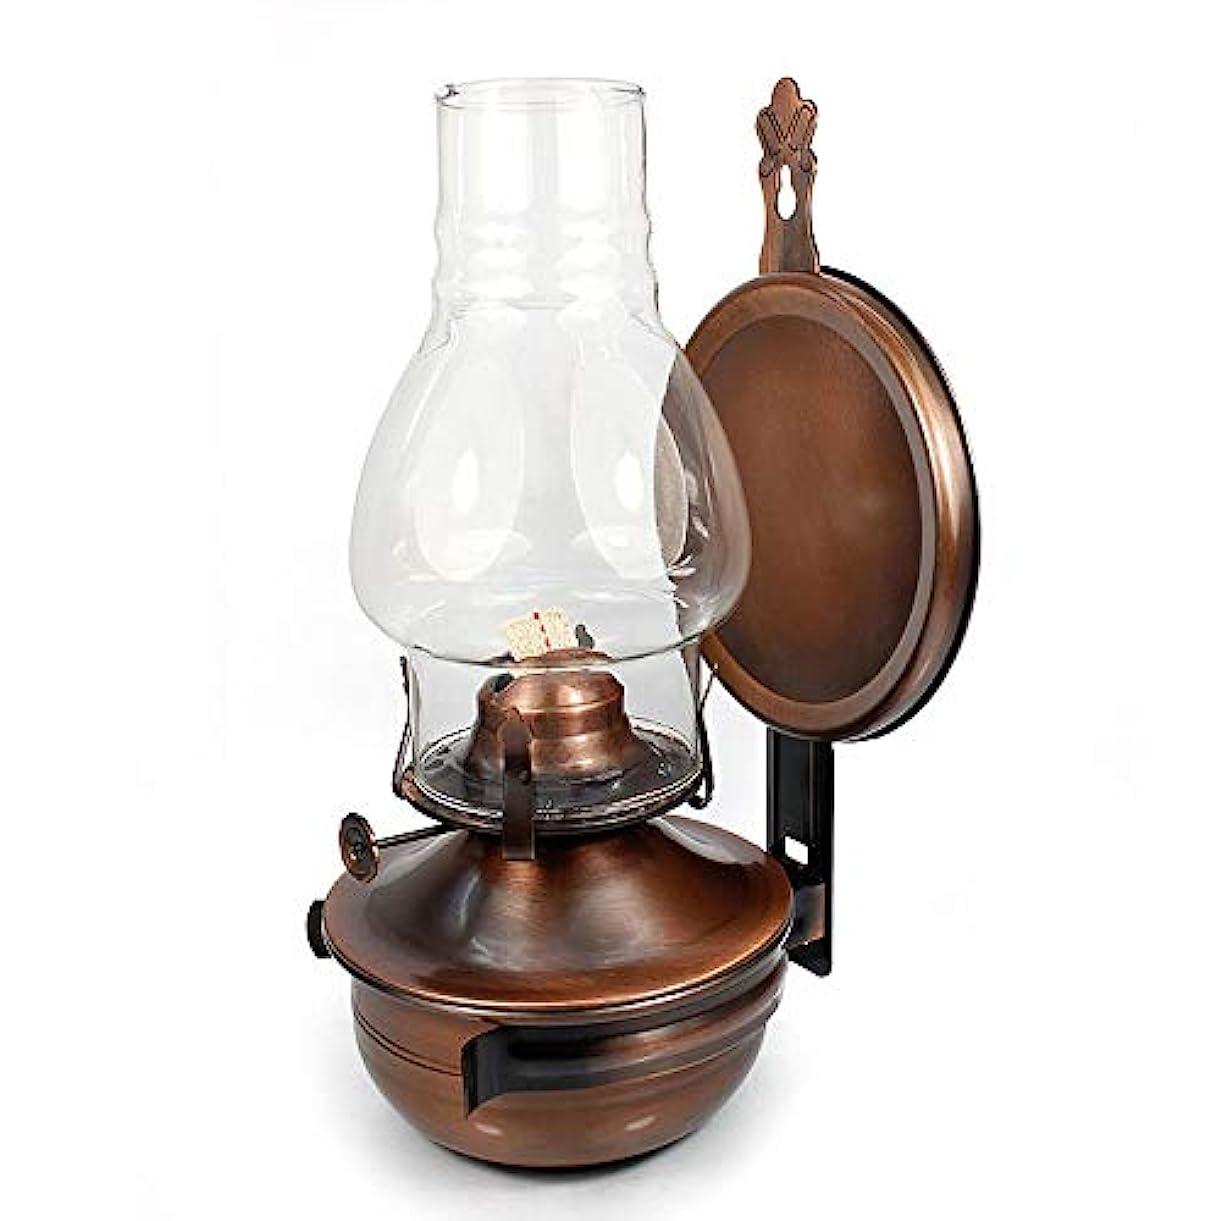 韻登録するプールクラシック灯油ランプ調節可能な灯心灯停電非常灯カスタムオイルライトノスタルジアパラフィンランプ創造性ランタン壁掛け灯油バーナー